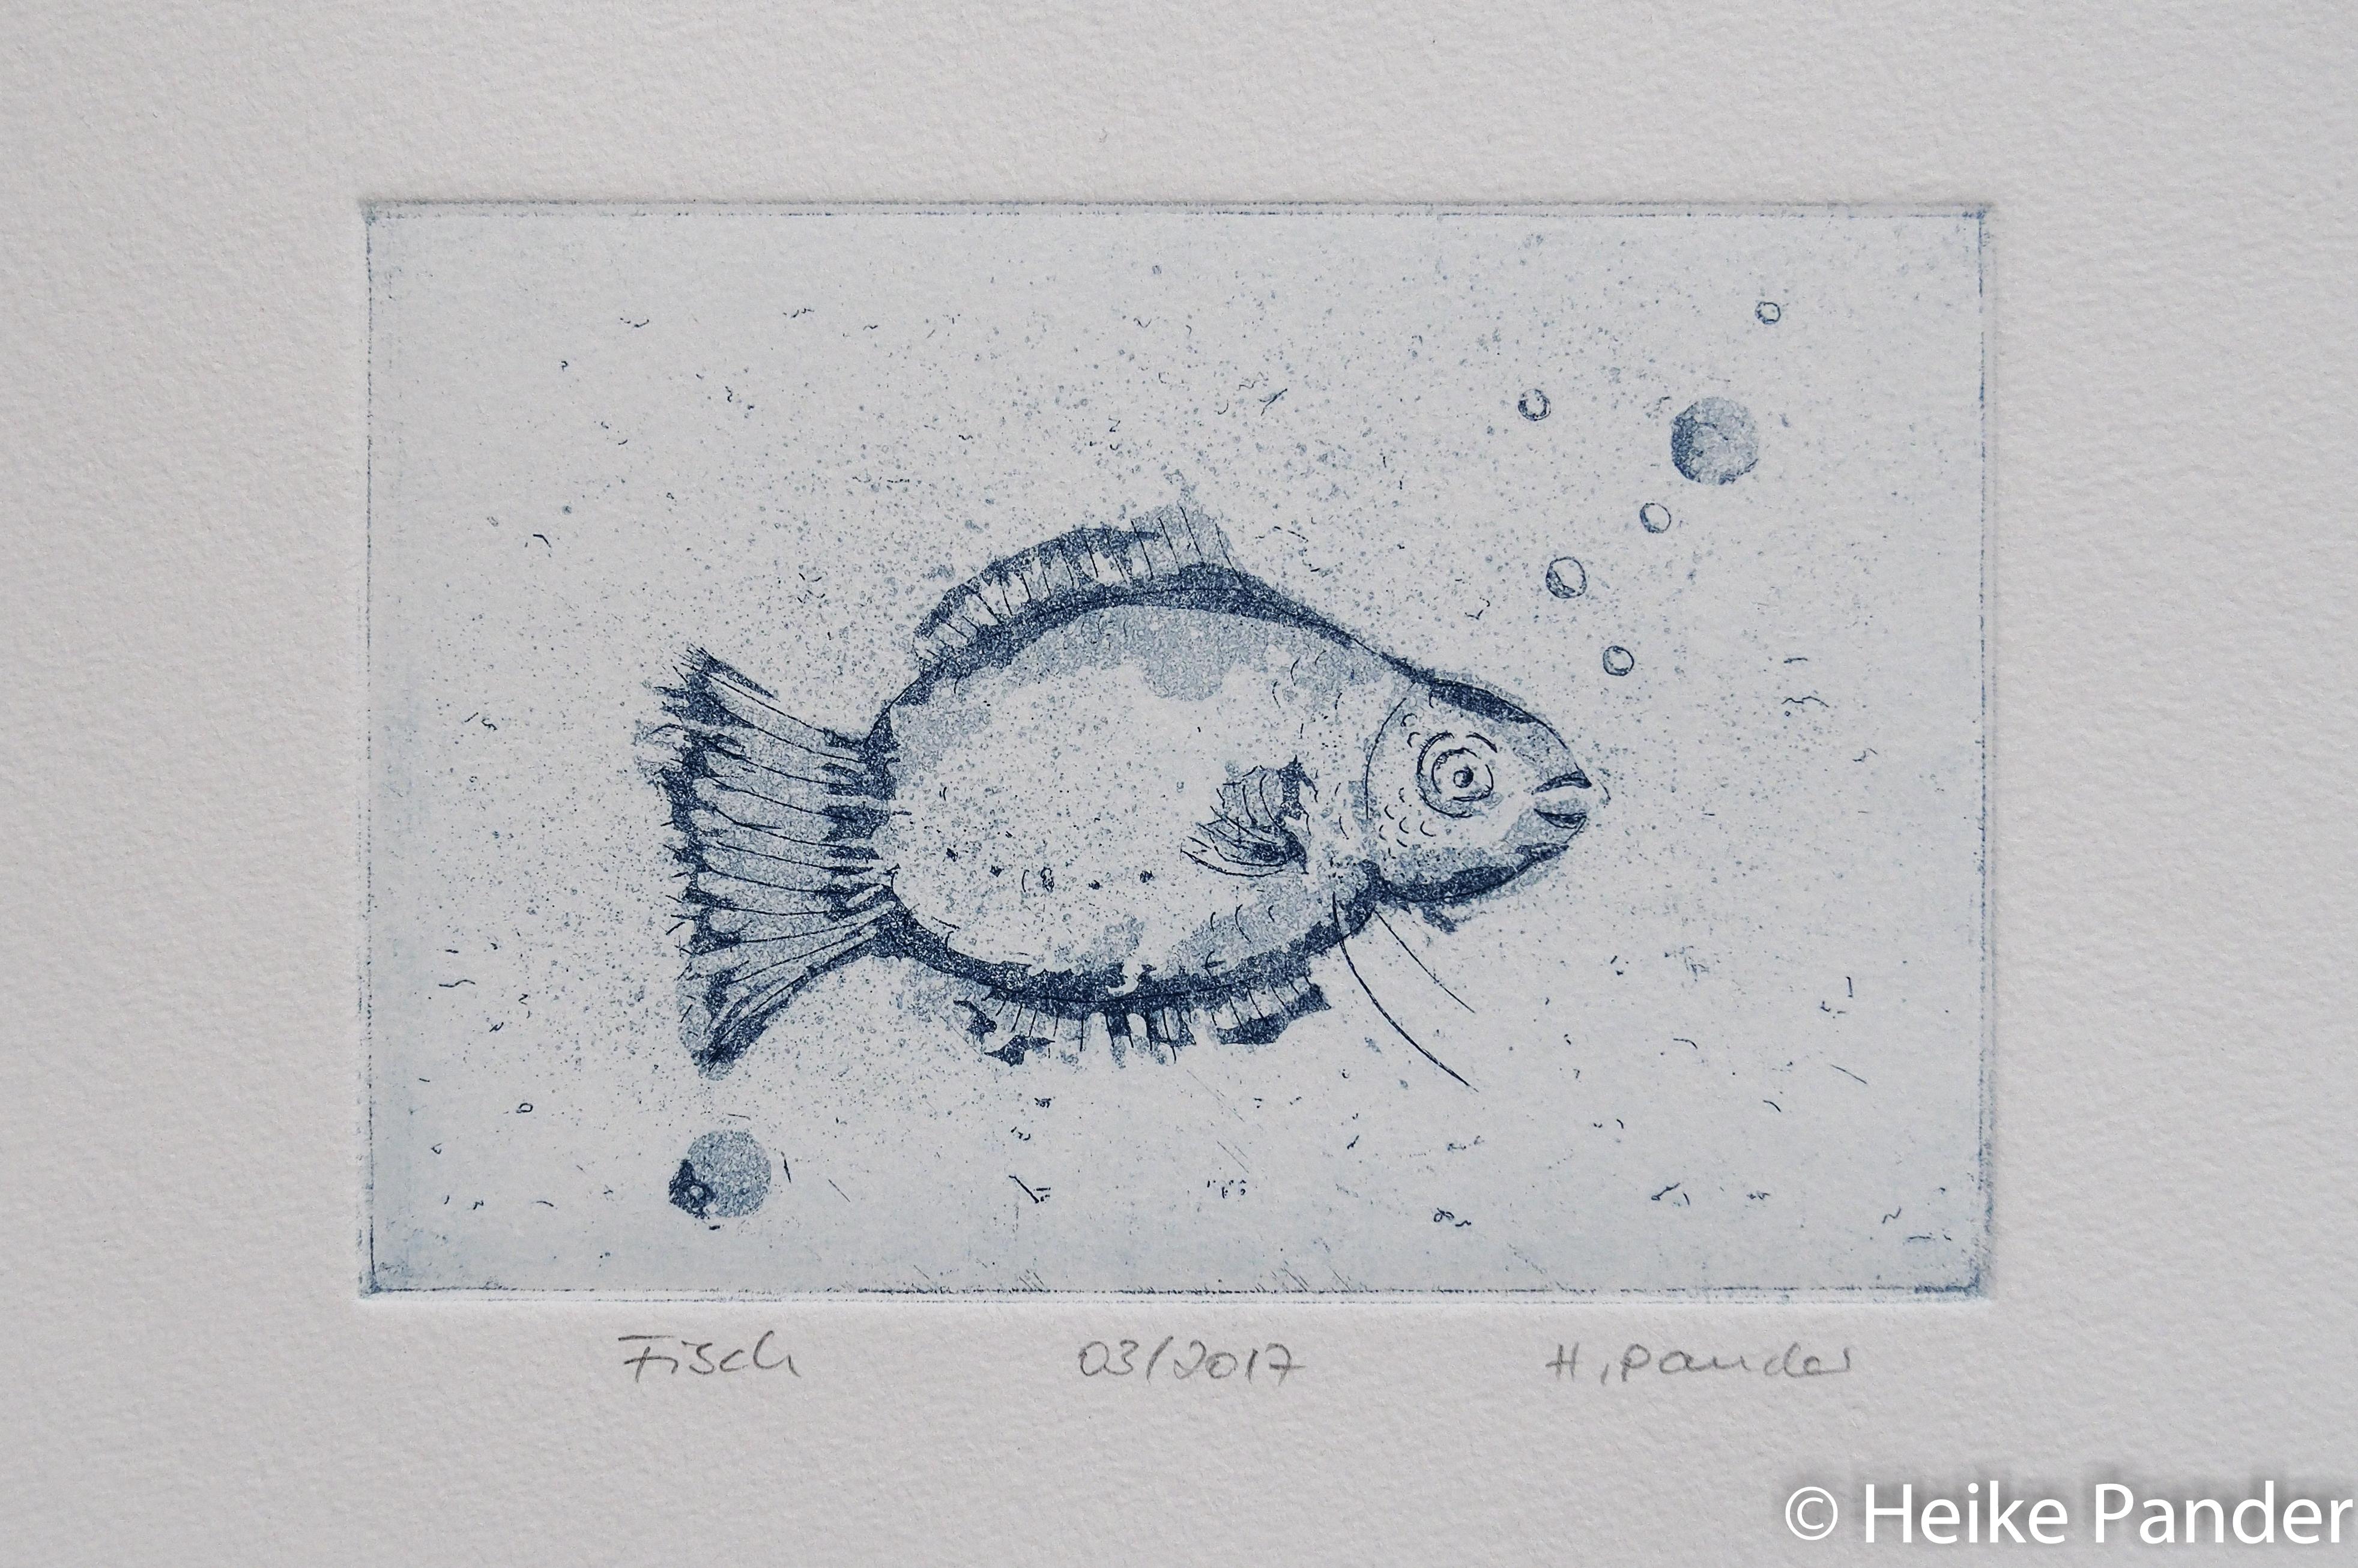 Kleiner Fisch, Zuckertusche, Aquatinta, Strichätzung, Heike Pander